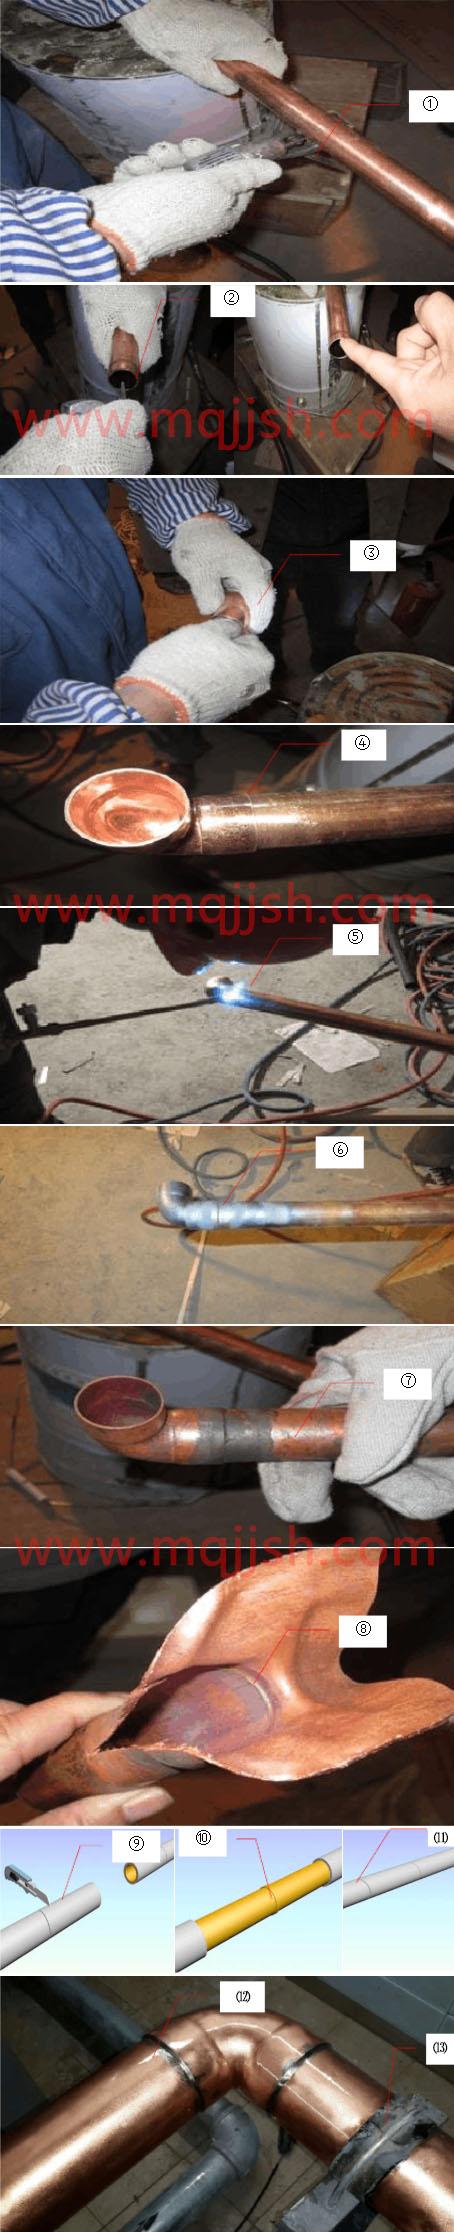 铜管焊接工艺标准流程图